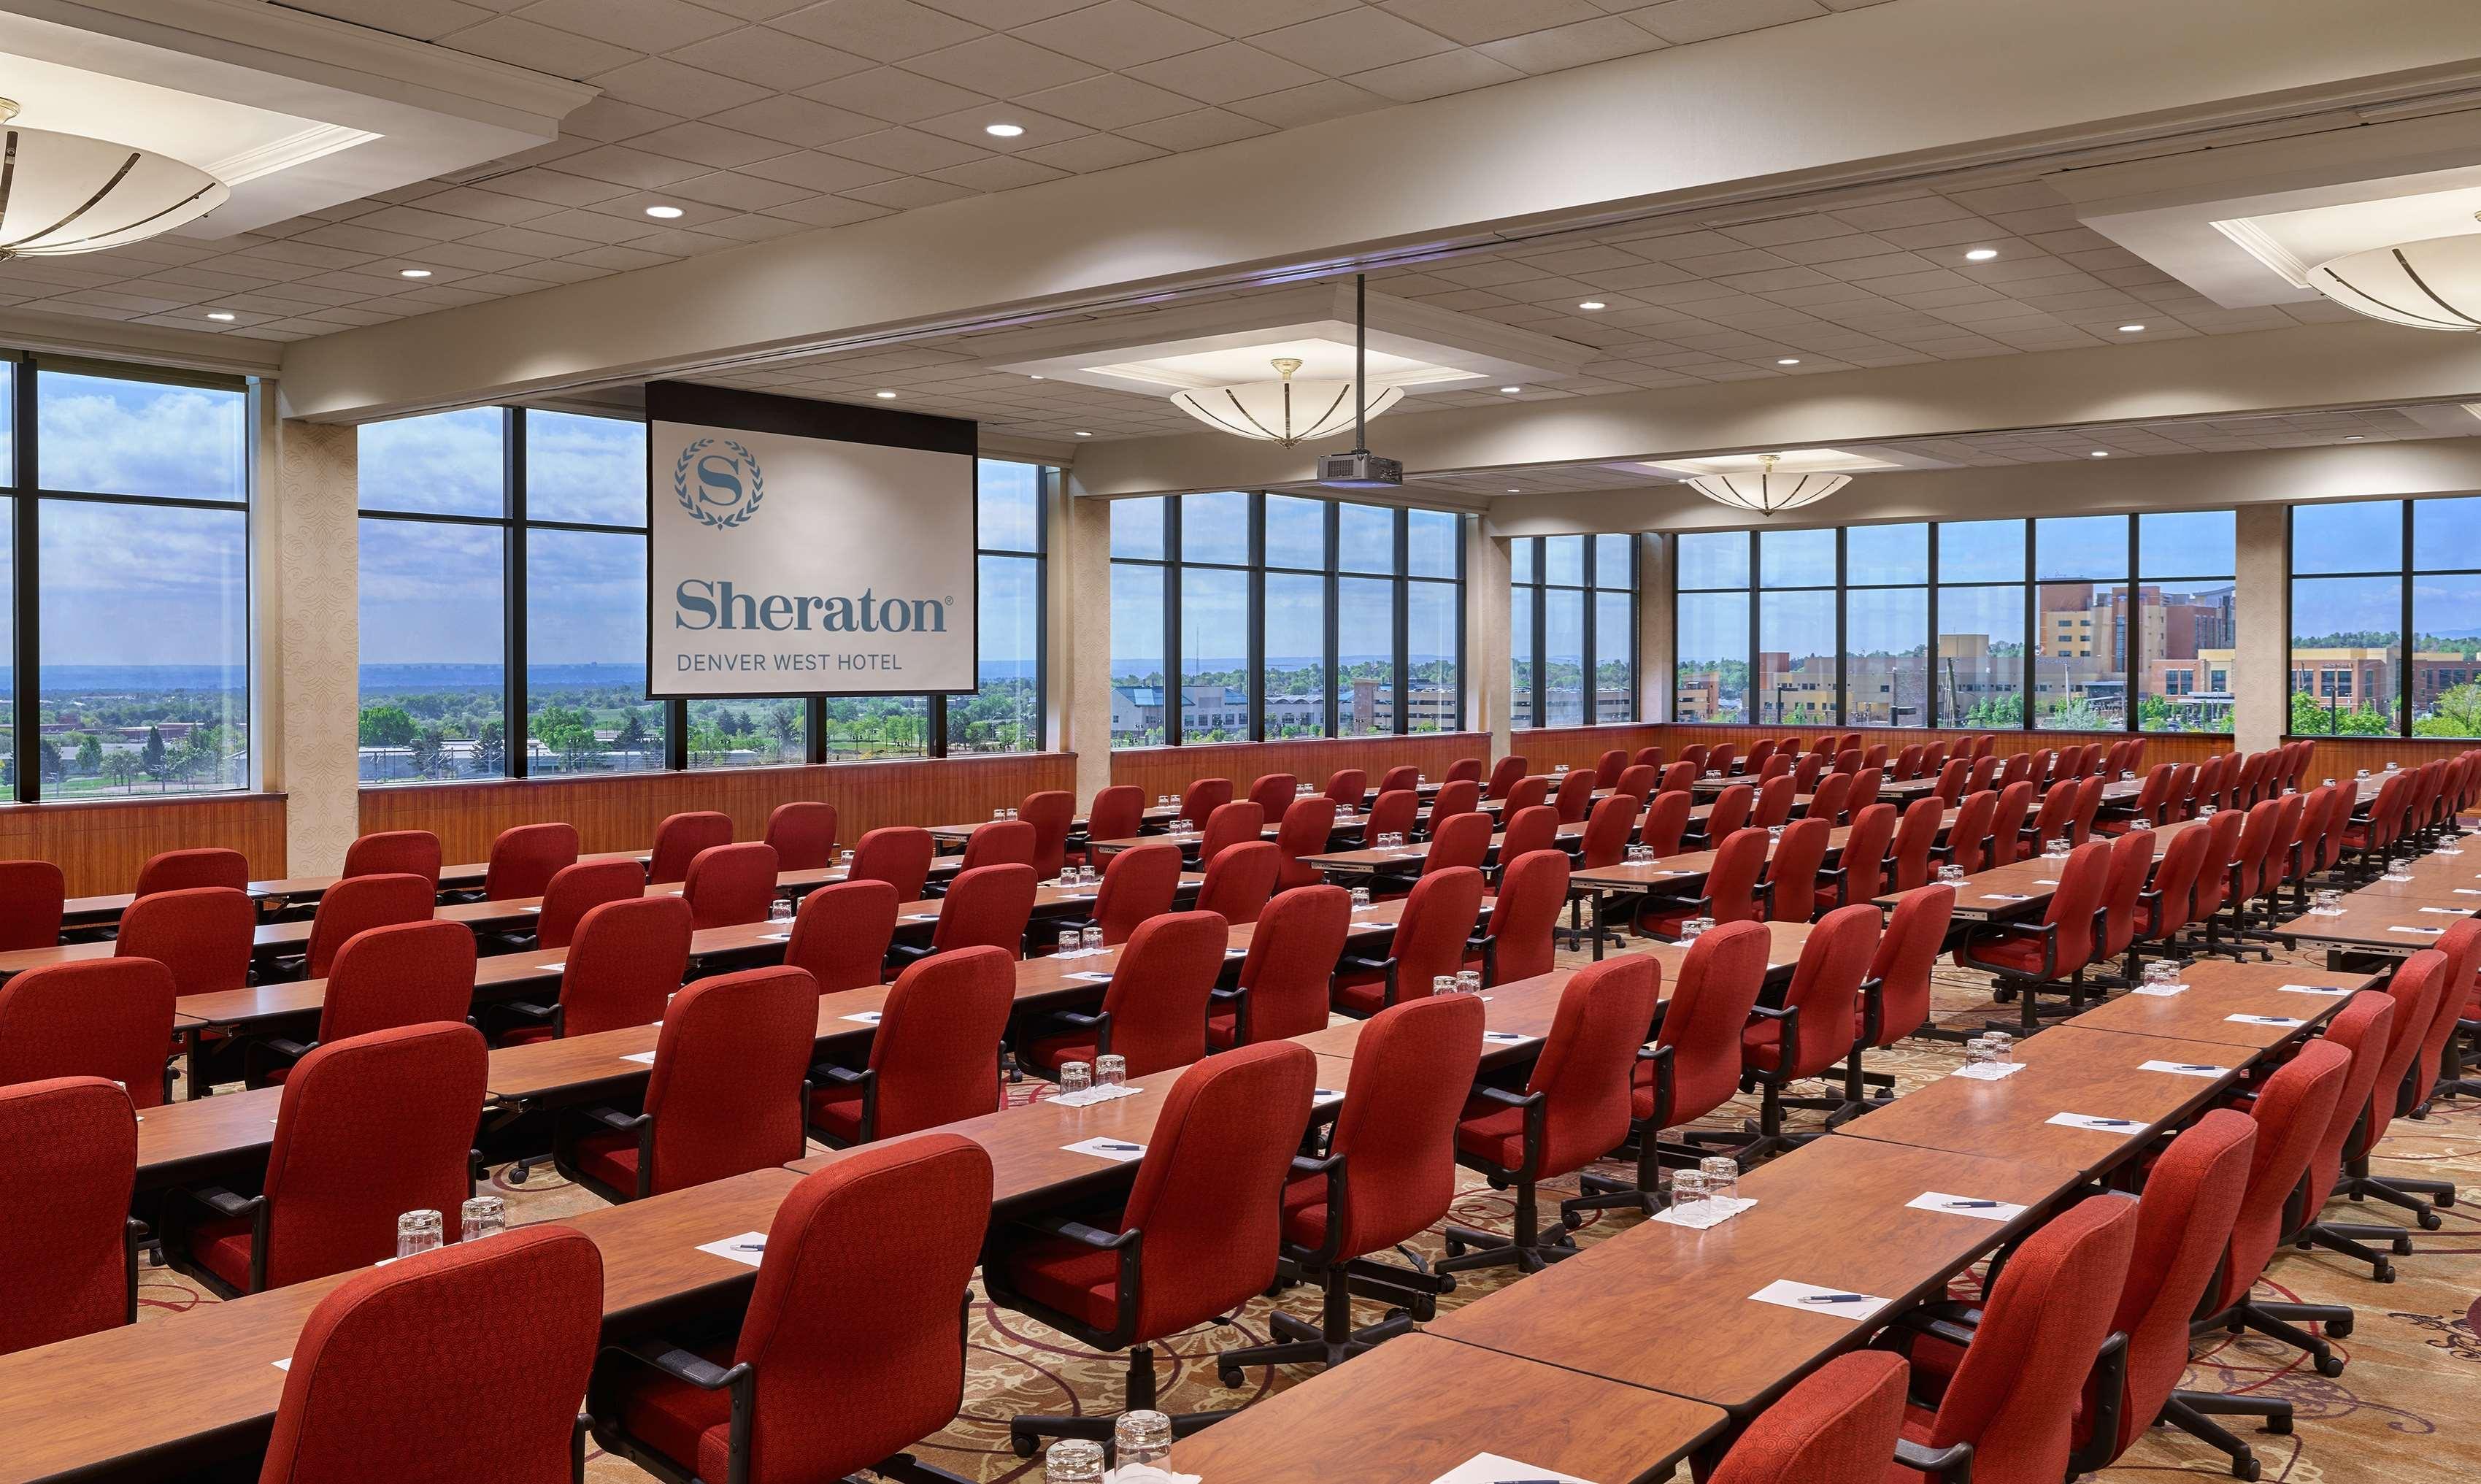 Sheraton Denver West Hotel image 22